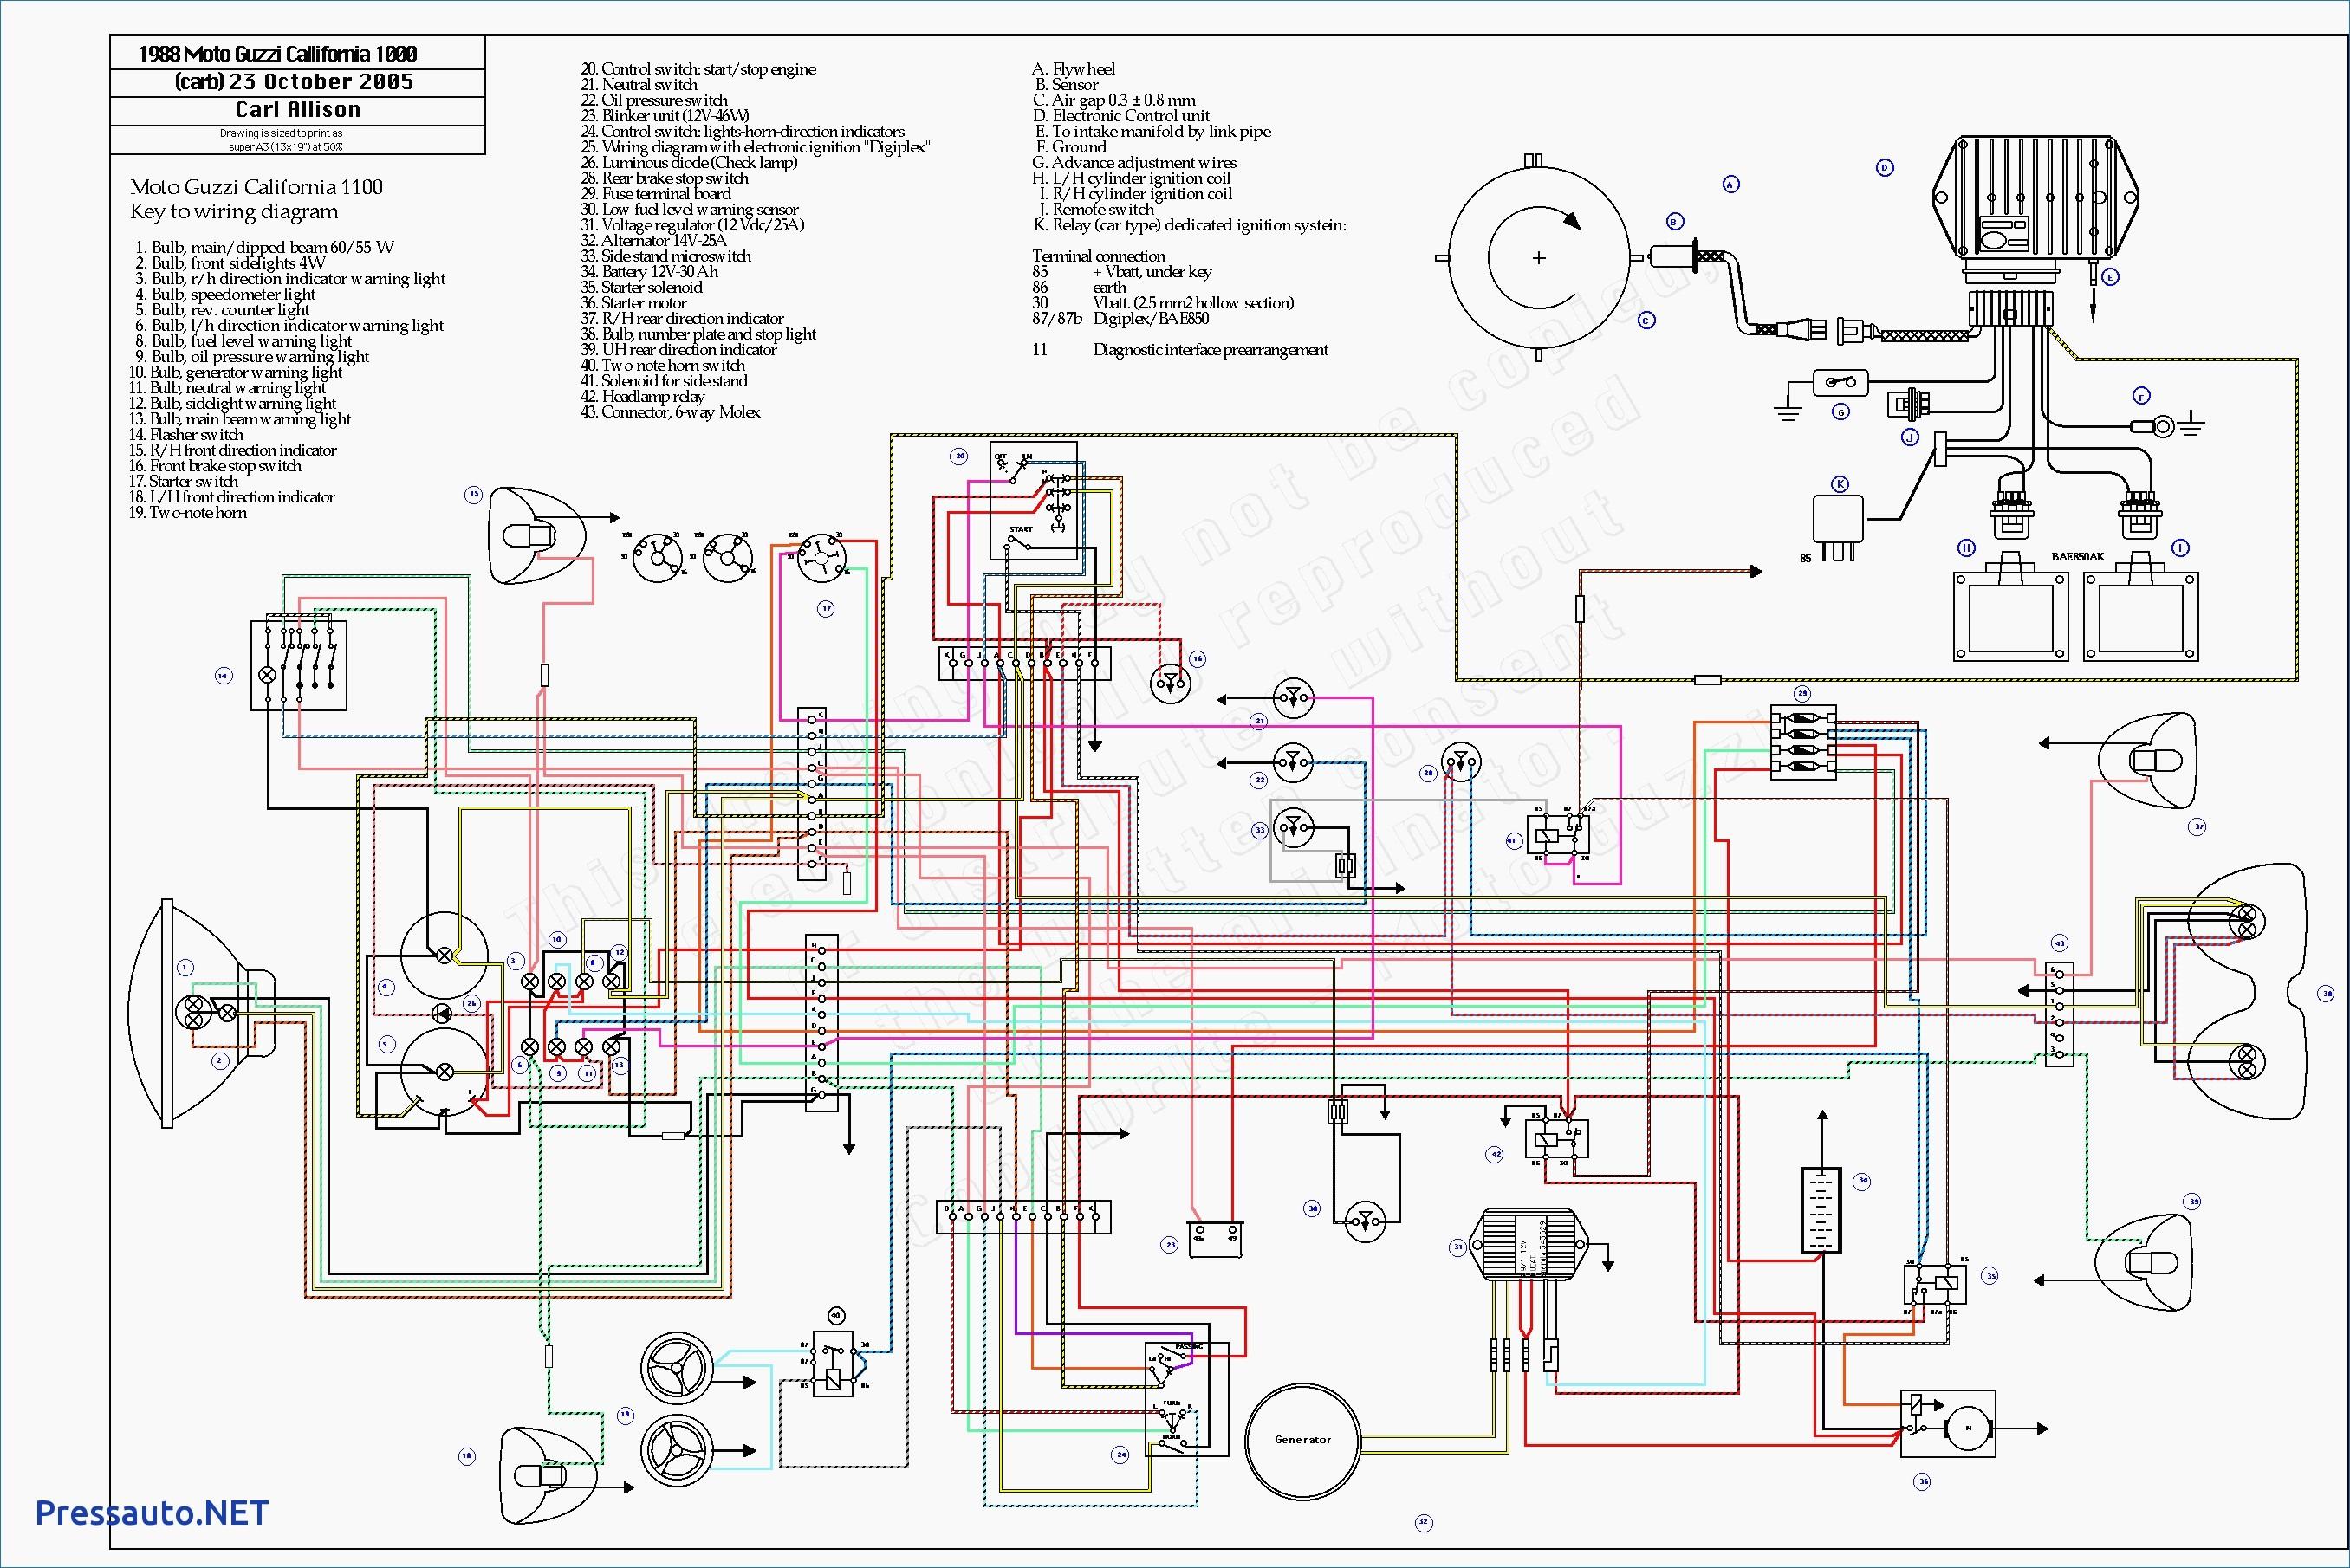 86 Camry Wiring Diagram 1995 Mustang Gt Radio Wiring Diagram Loader Citroen Wirings1 Jeanjaures37 Fr